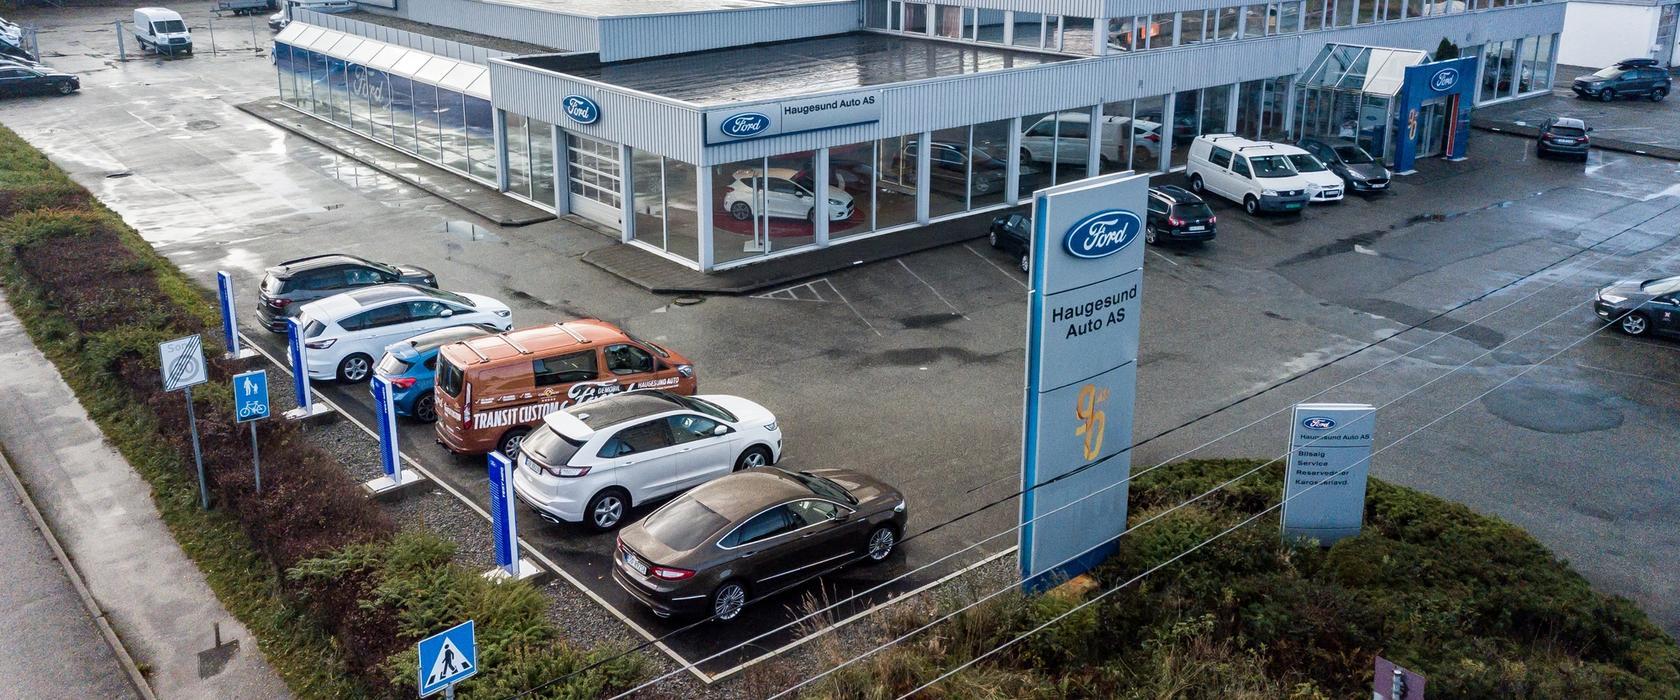 Oversiktsbilde av Haugesund Auto AS